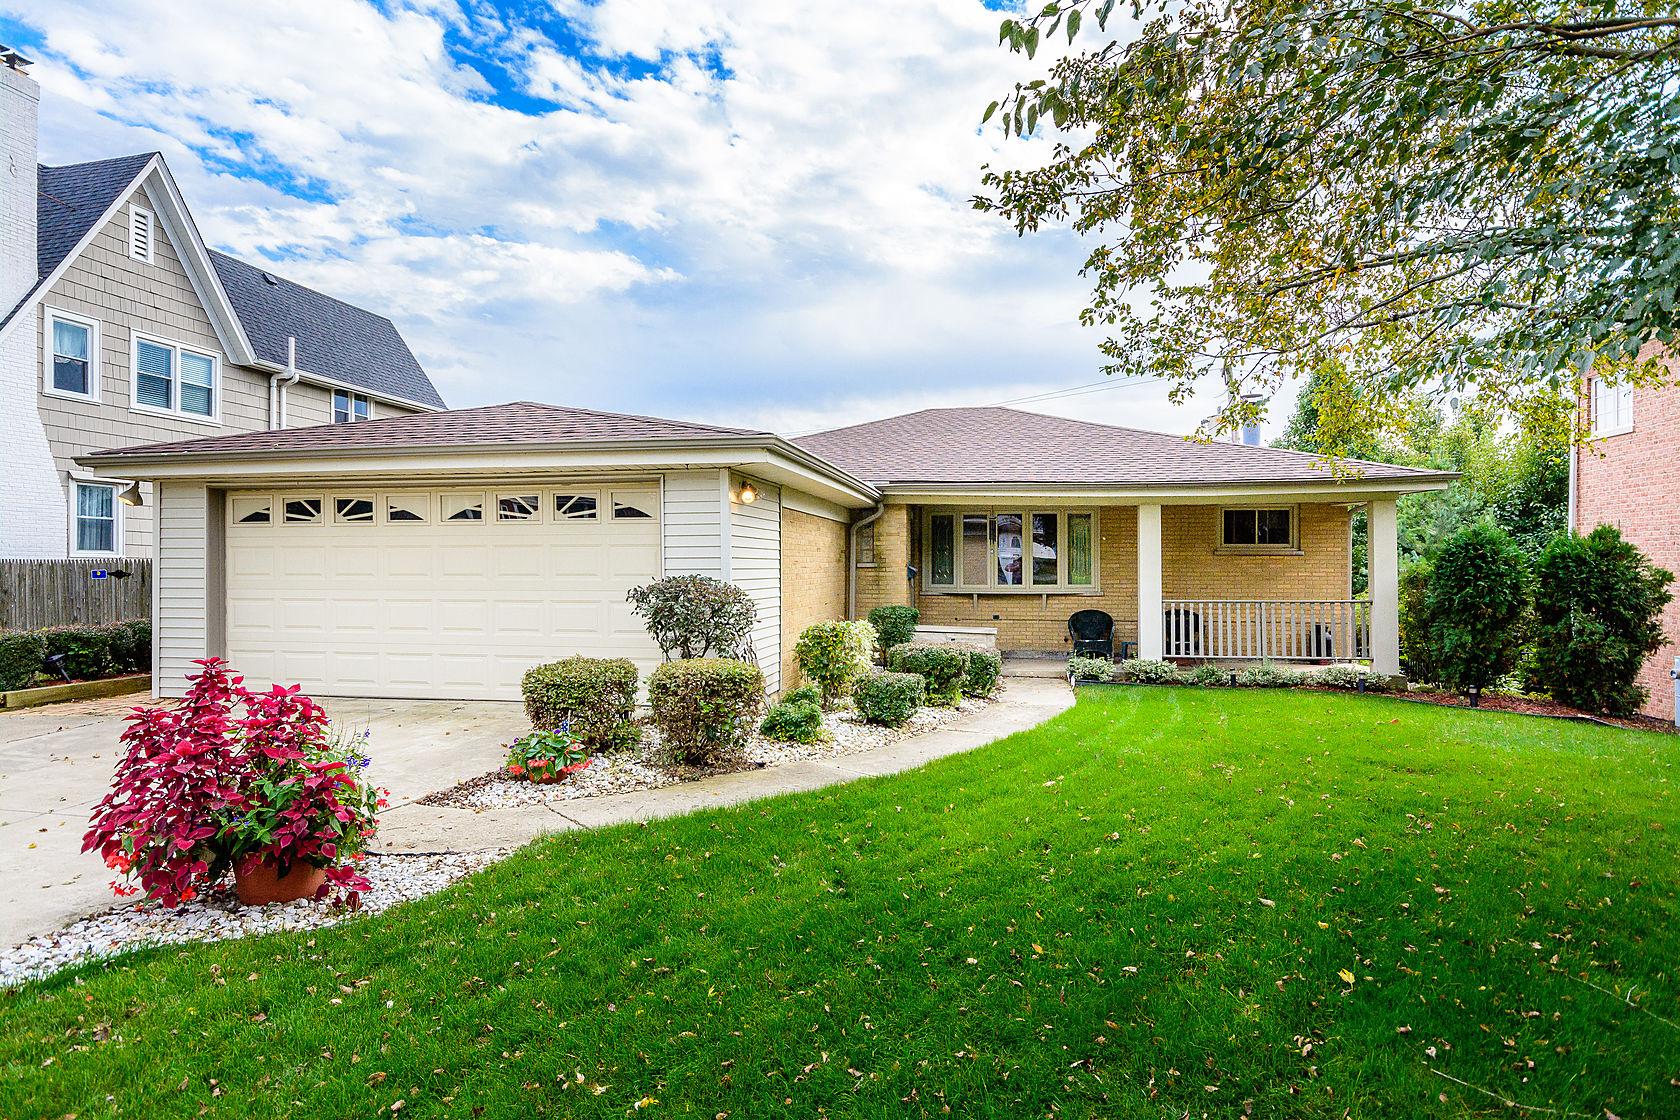 Casa Unifamiliar por un Venta en 23 Chestnut Avenue Clarendon Hills, Illinois, 60514 Estados Unidos